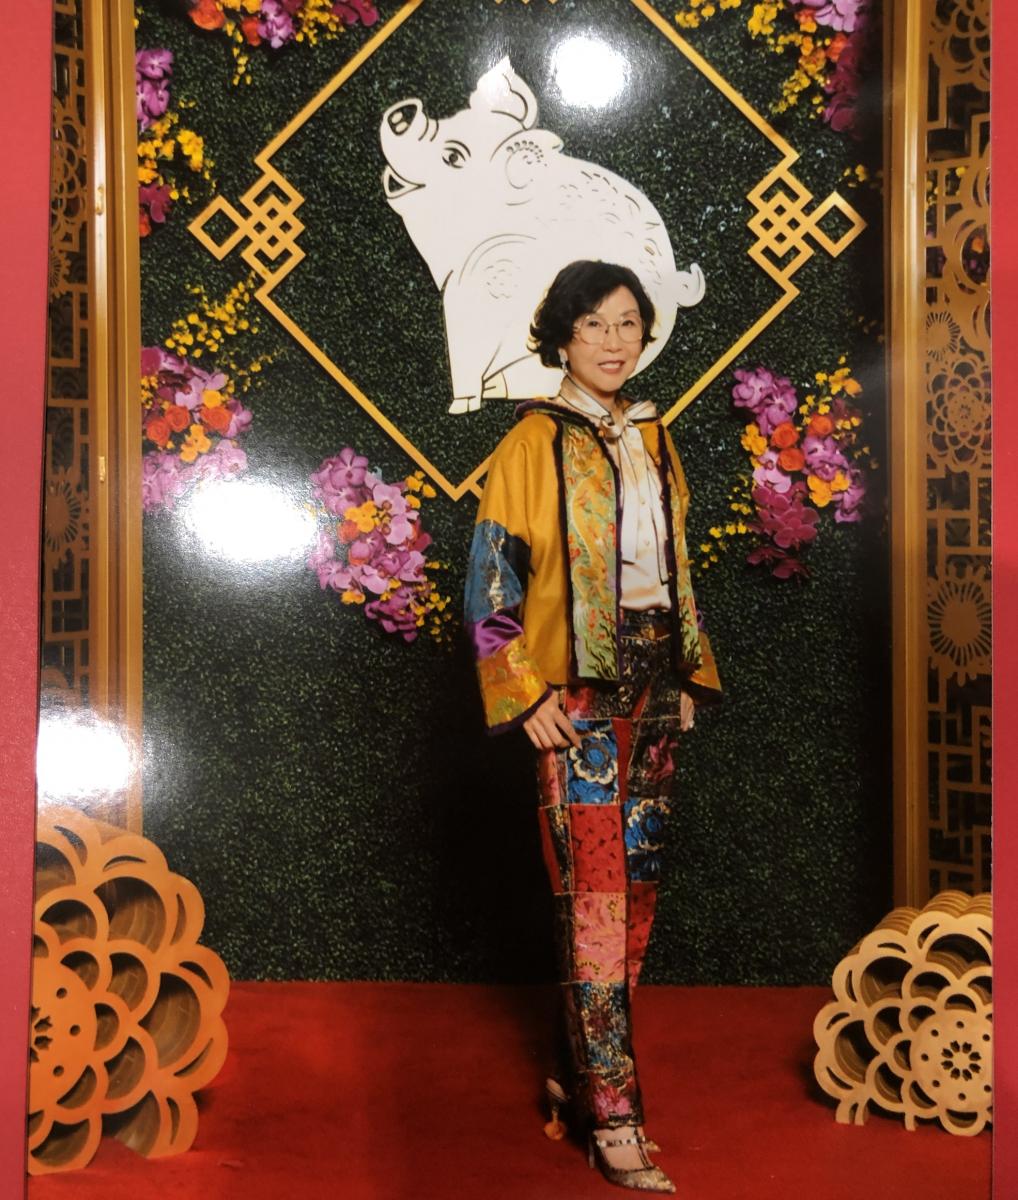 拉斯维加斯是这样庆祝中国新年的_图1-14